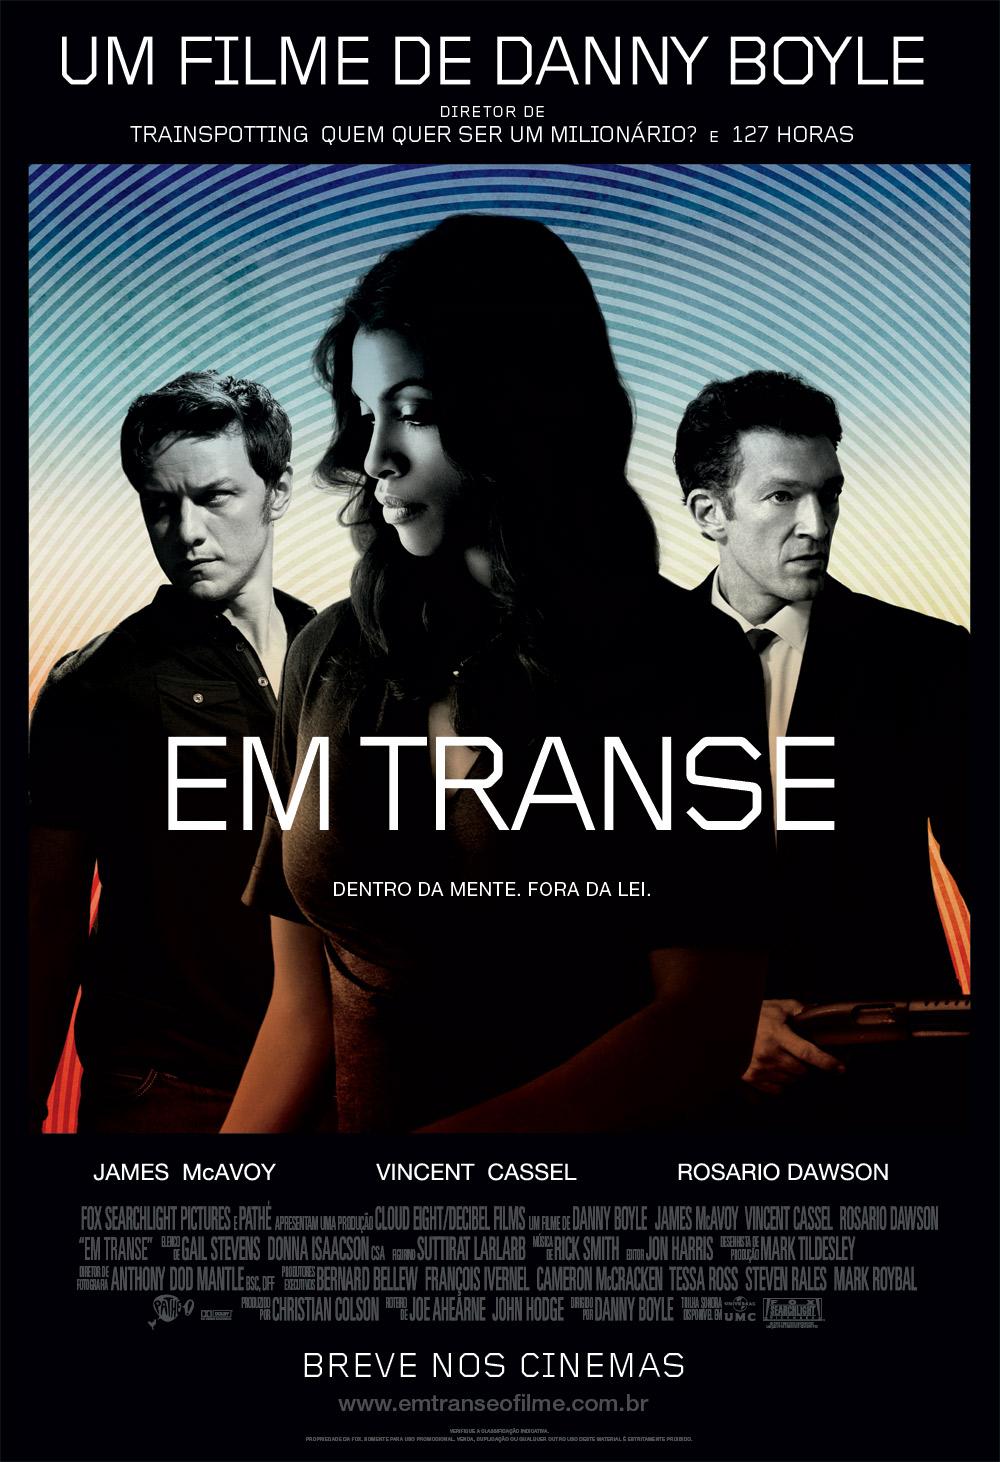 A Lei É Para Todos Filme Completo Dublado em transe - filme 2013 - adorocinema